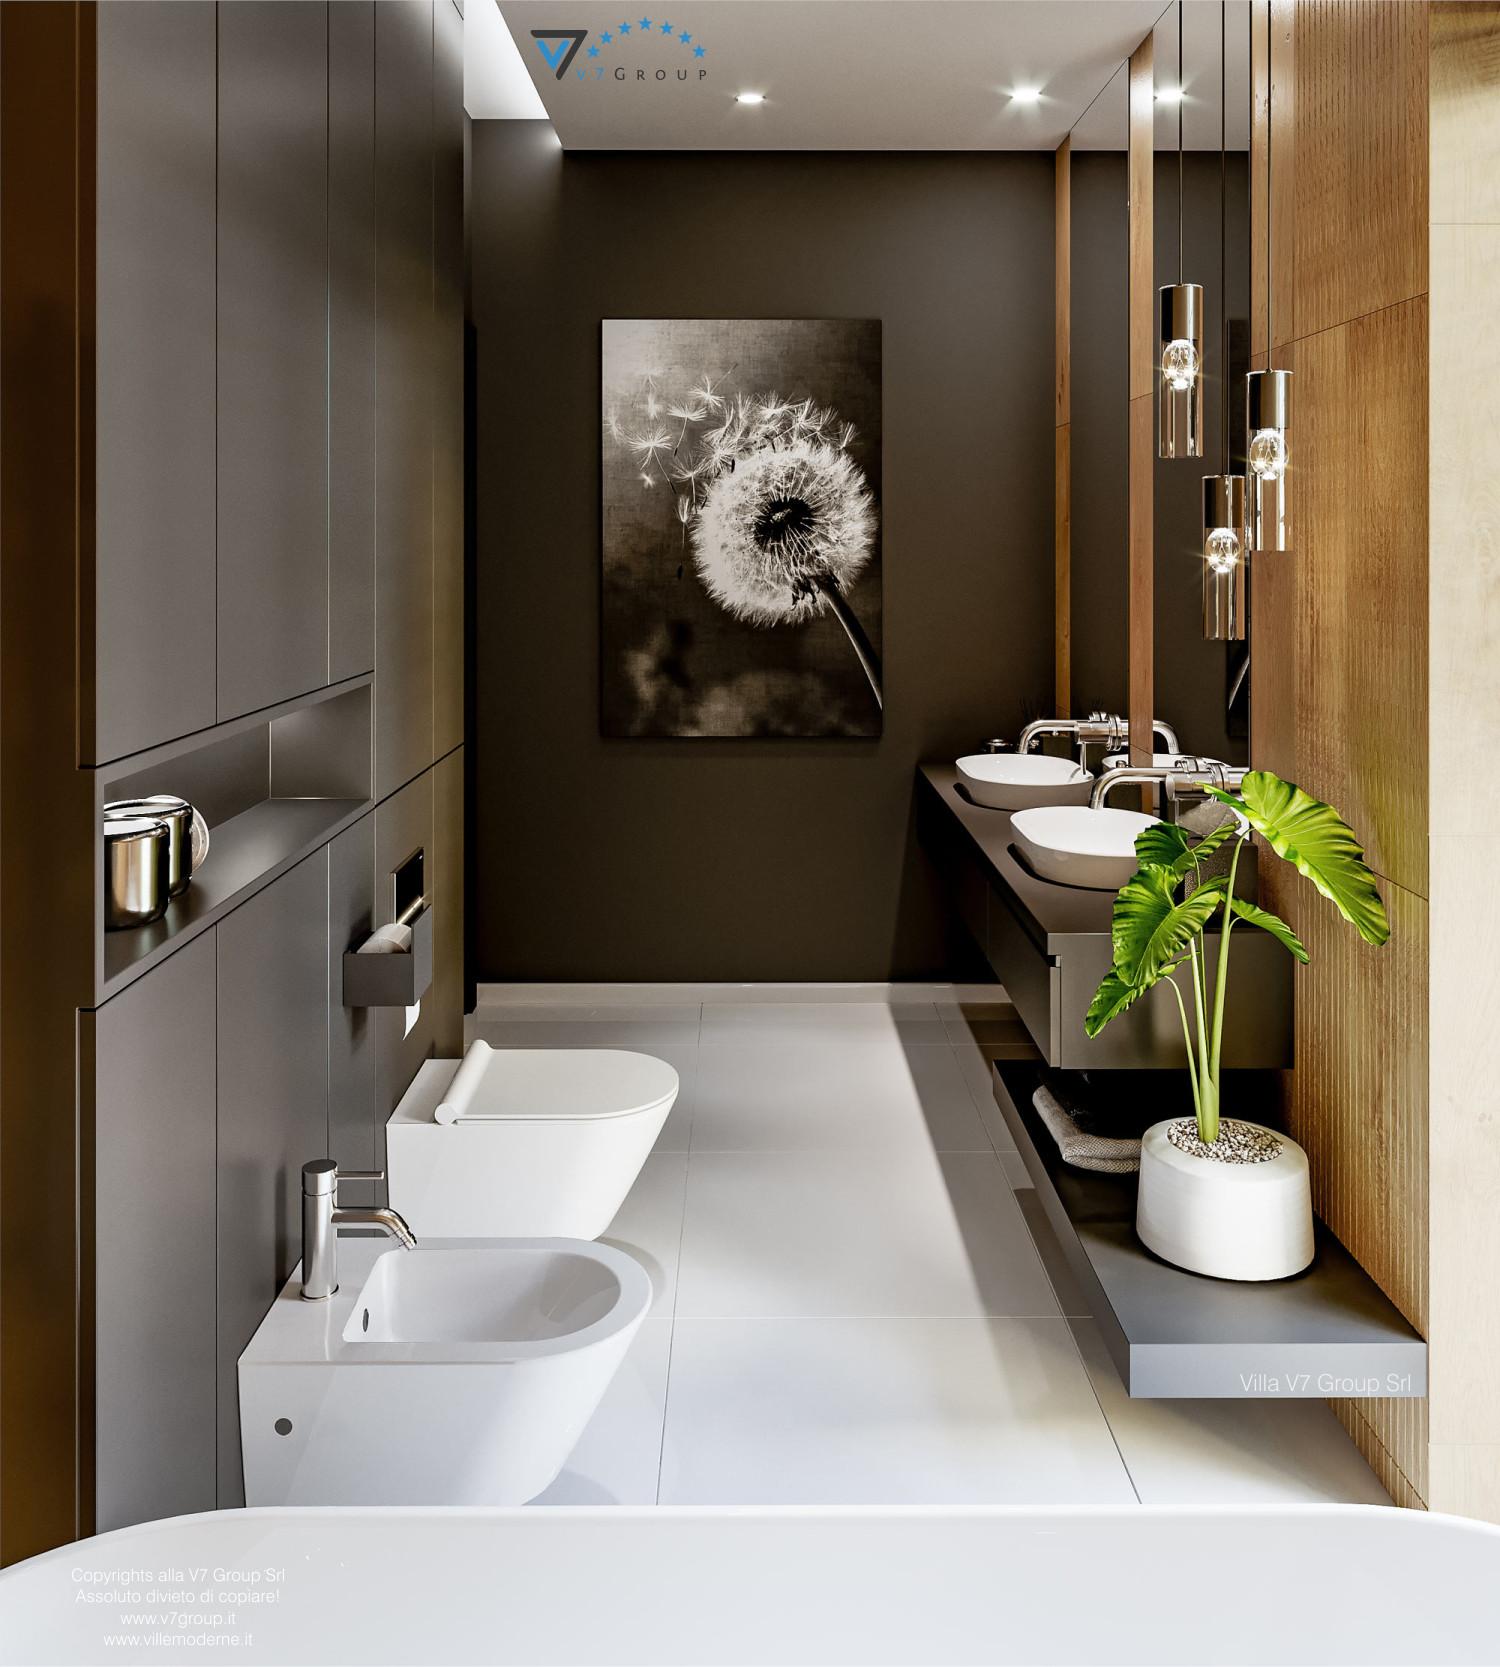 Immagine Villa V69 - immagine 11 - vista vasca da bagno grande